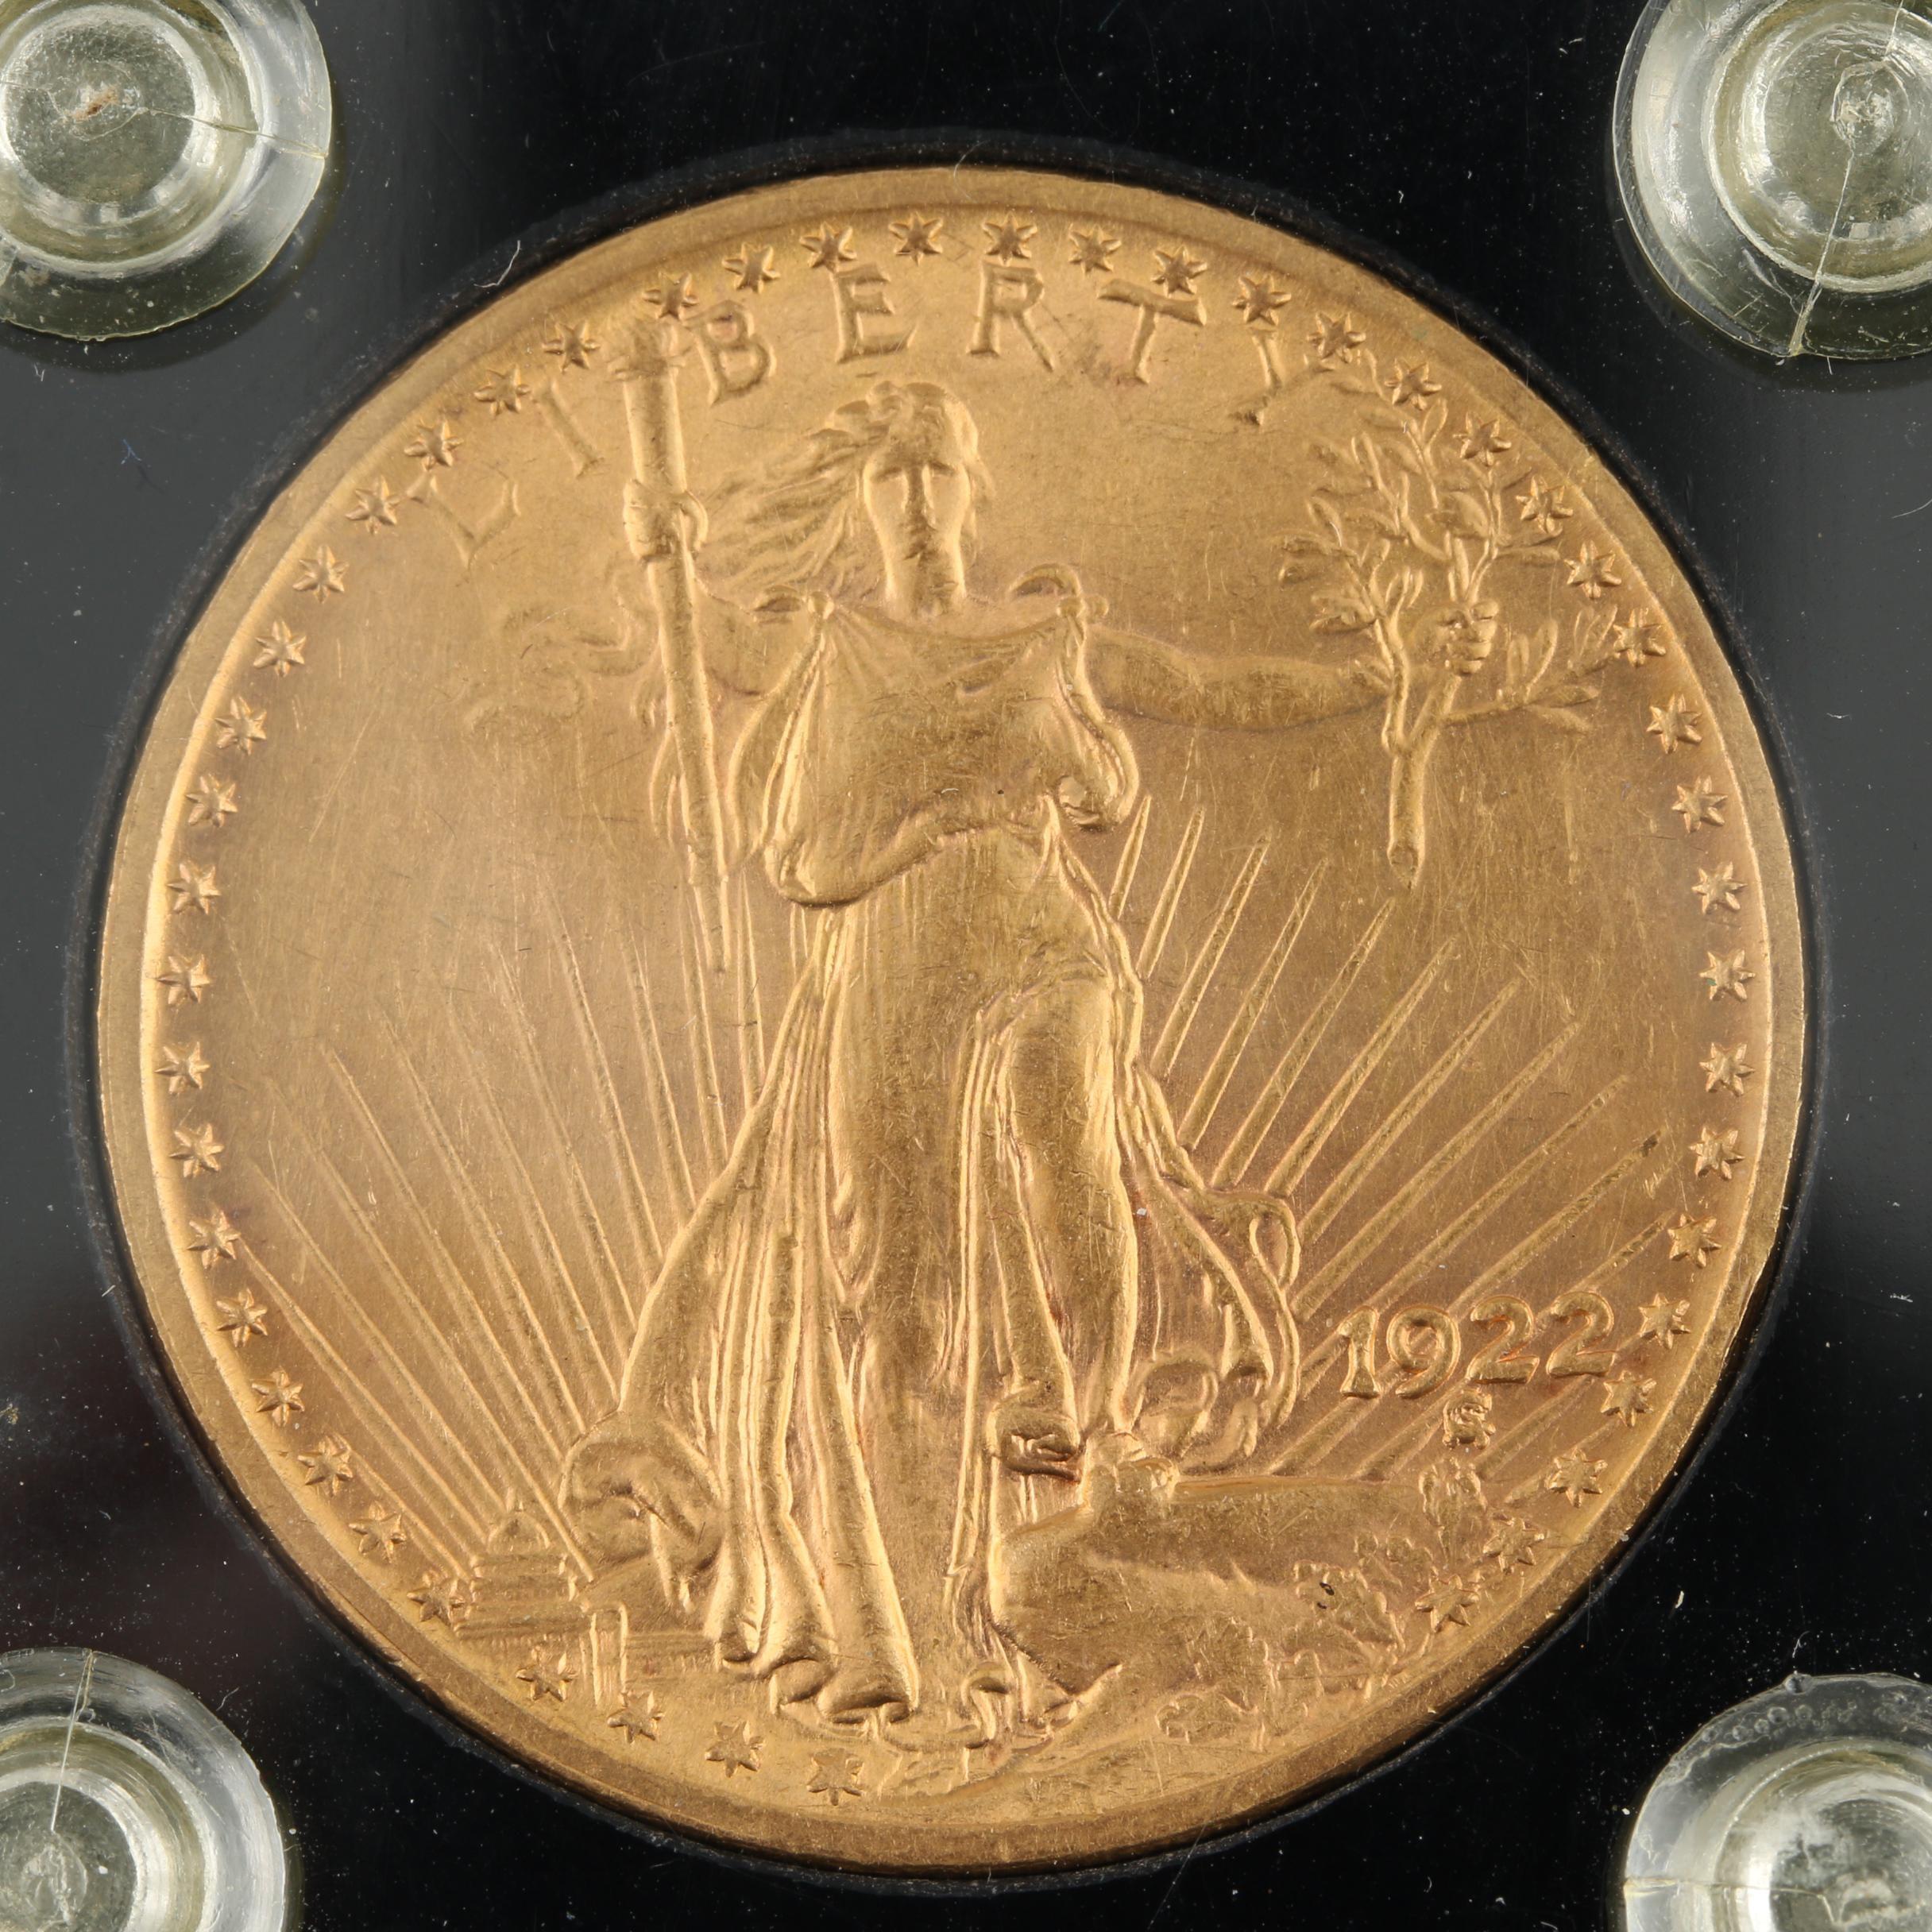 1922 Saint-Gaudens $20 Gold Double Eagle